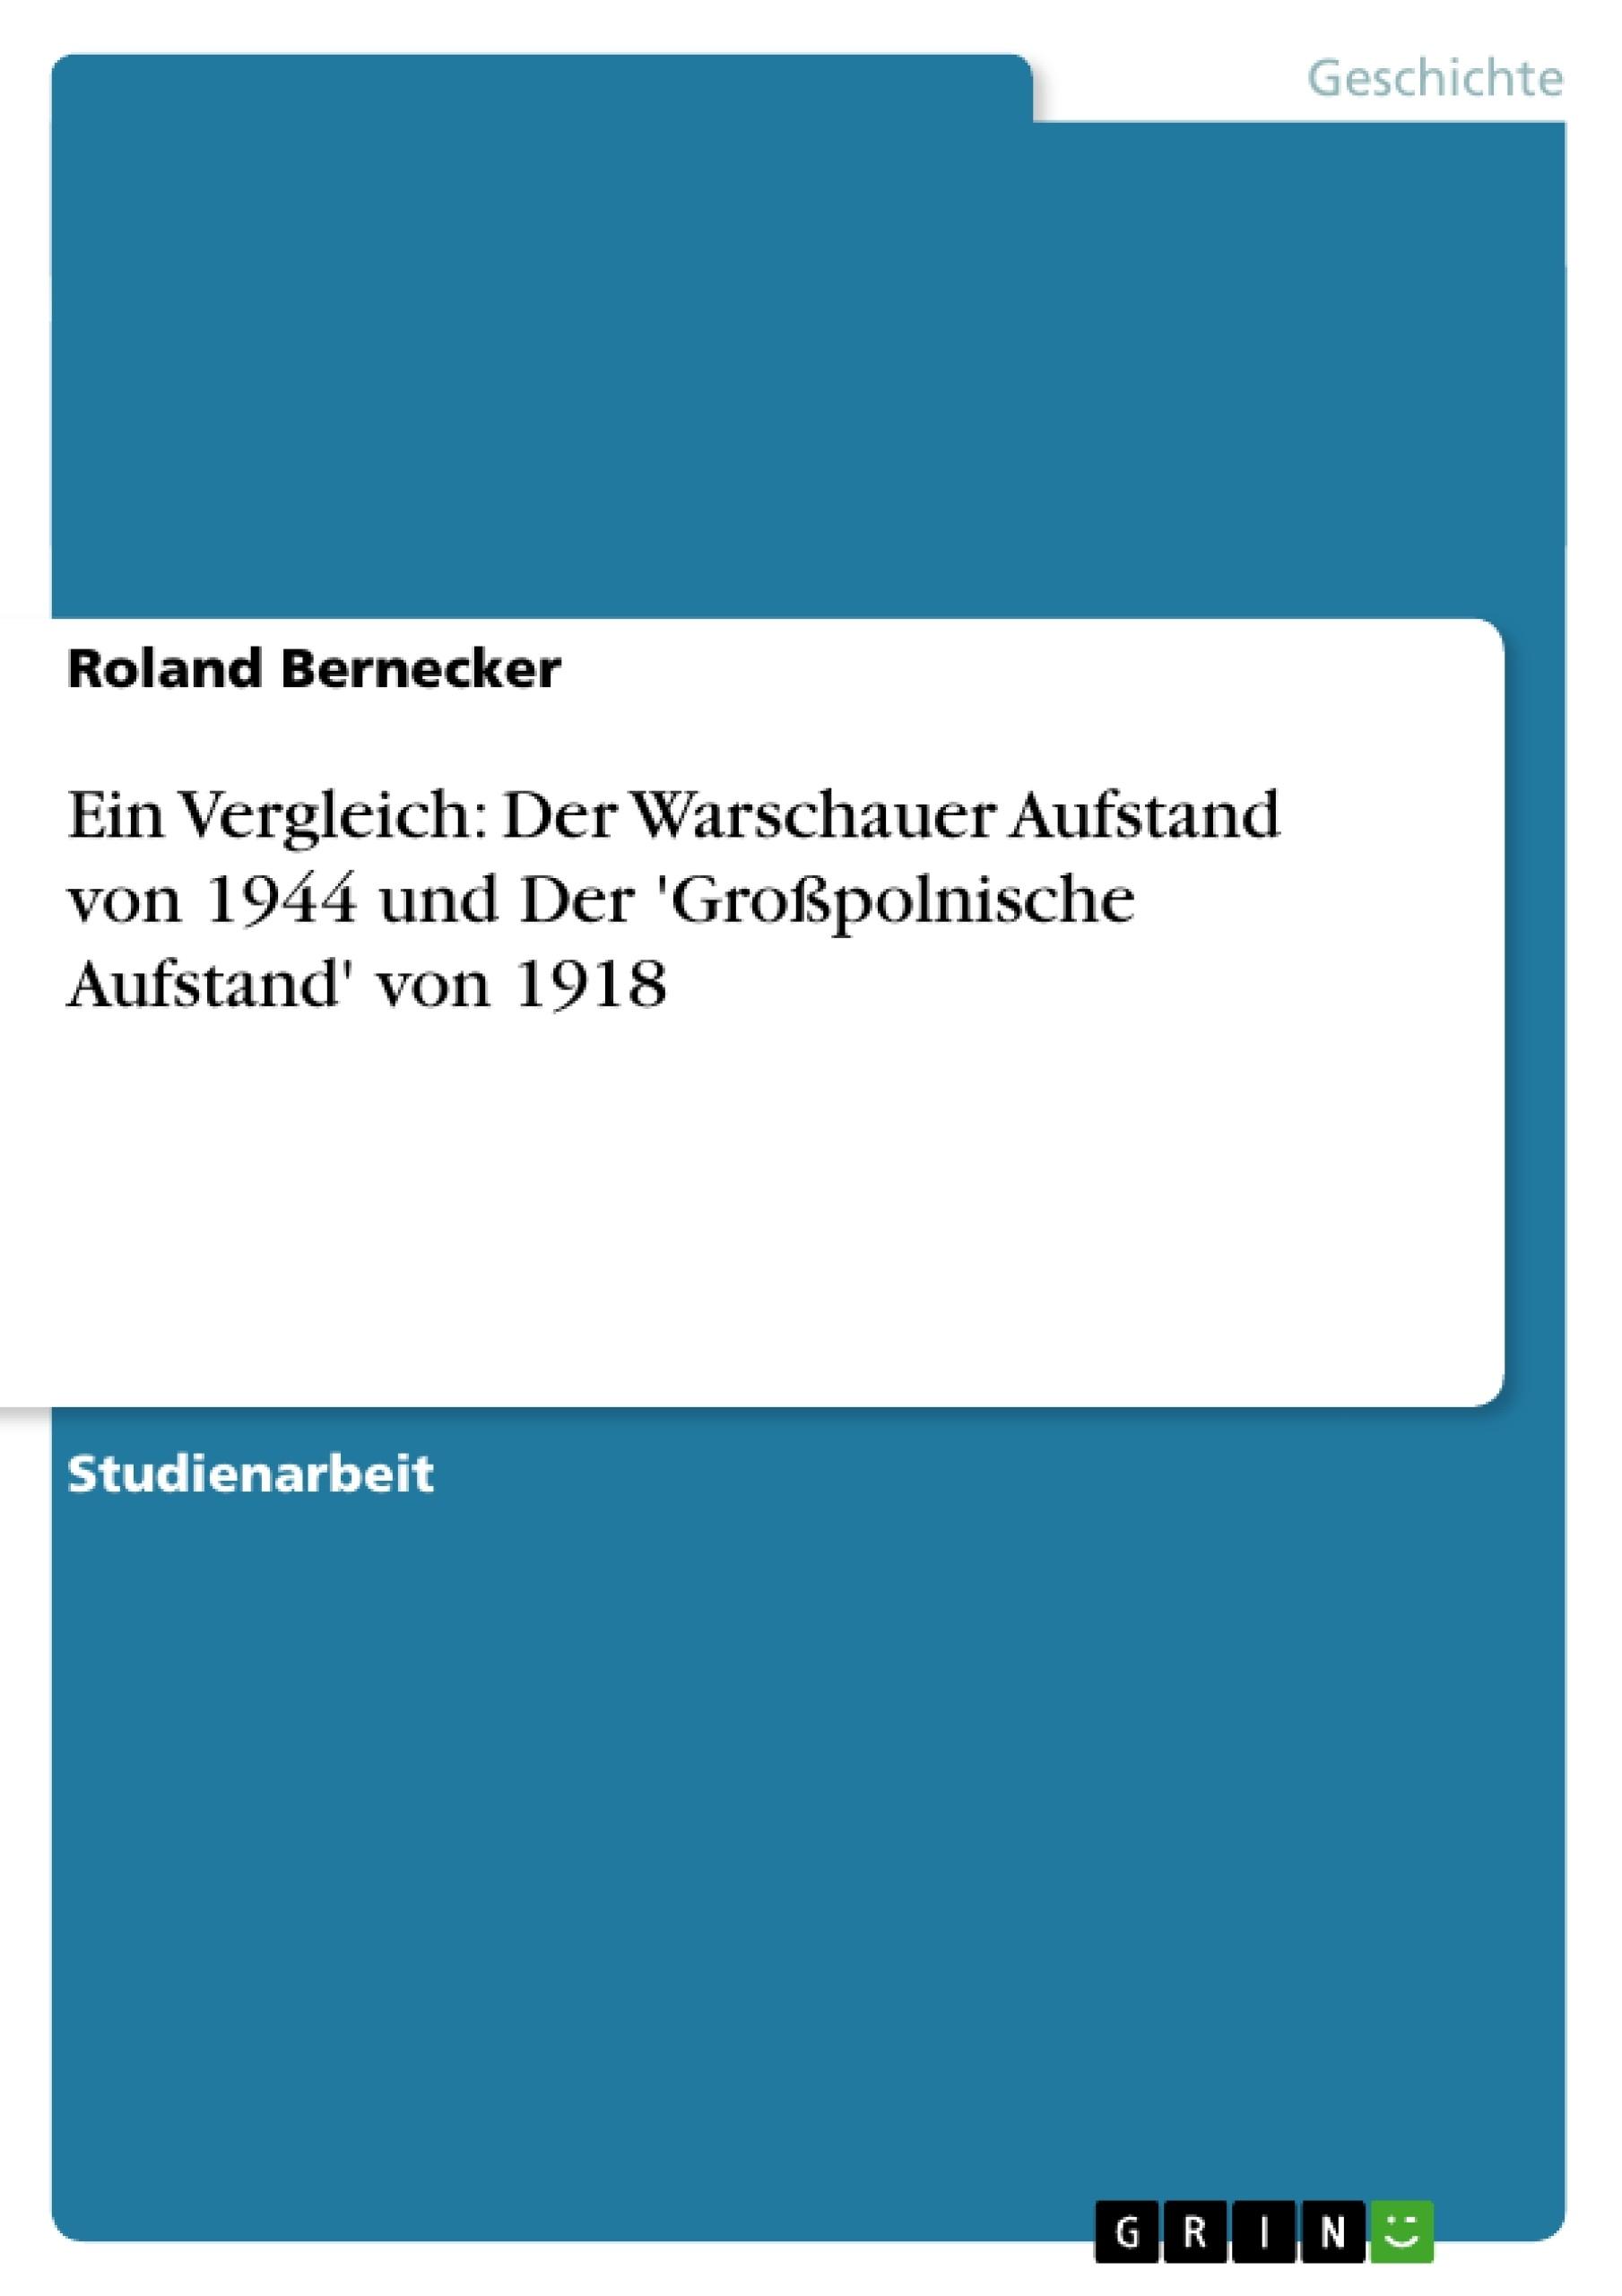 Titel: Ein Vergleich: Der Warschauer Aufstand von 1944 und Der 'Großpolnische Aufstand' von 1918